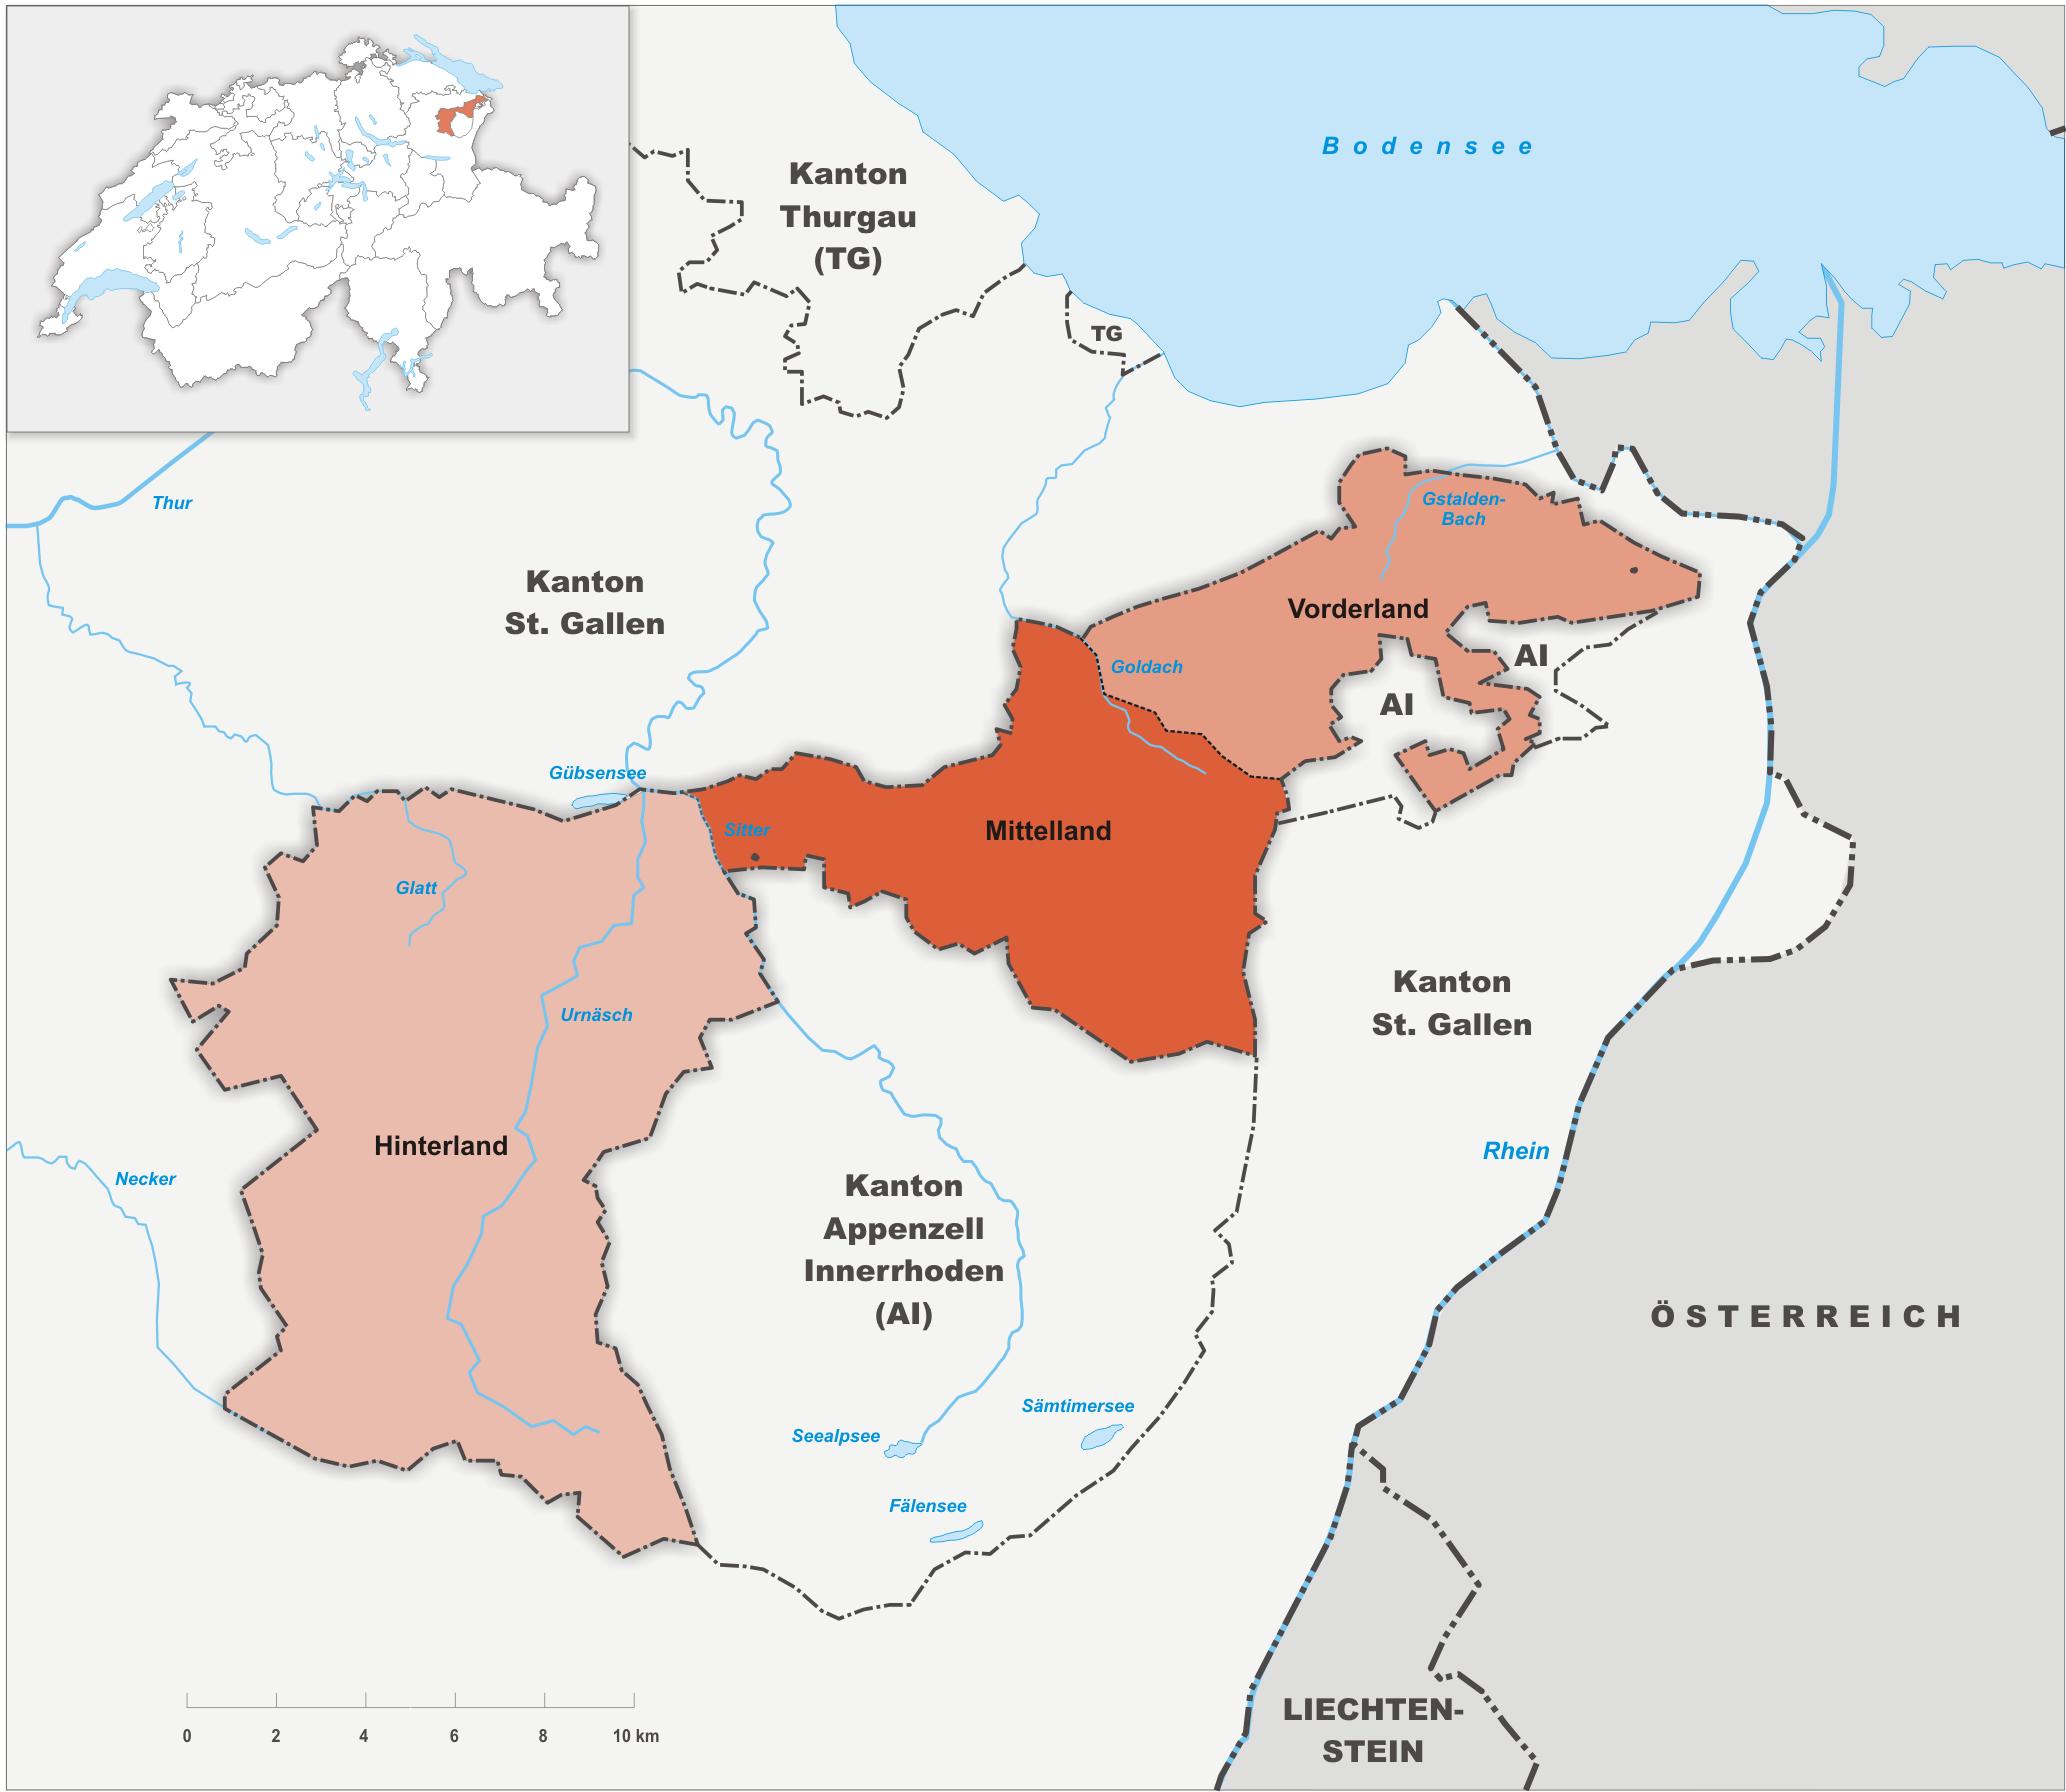 Bezirke des Kantons Appenzell Ausserrhoden